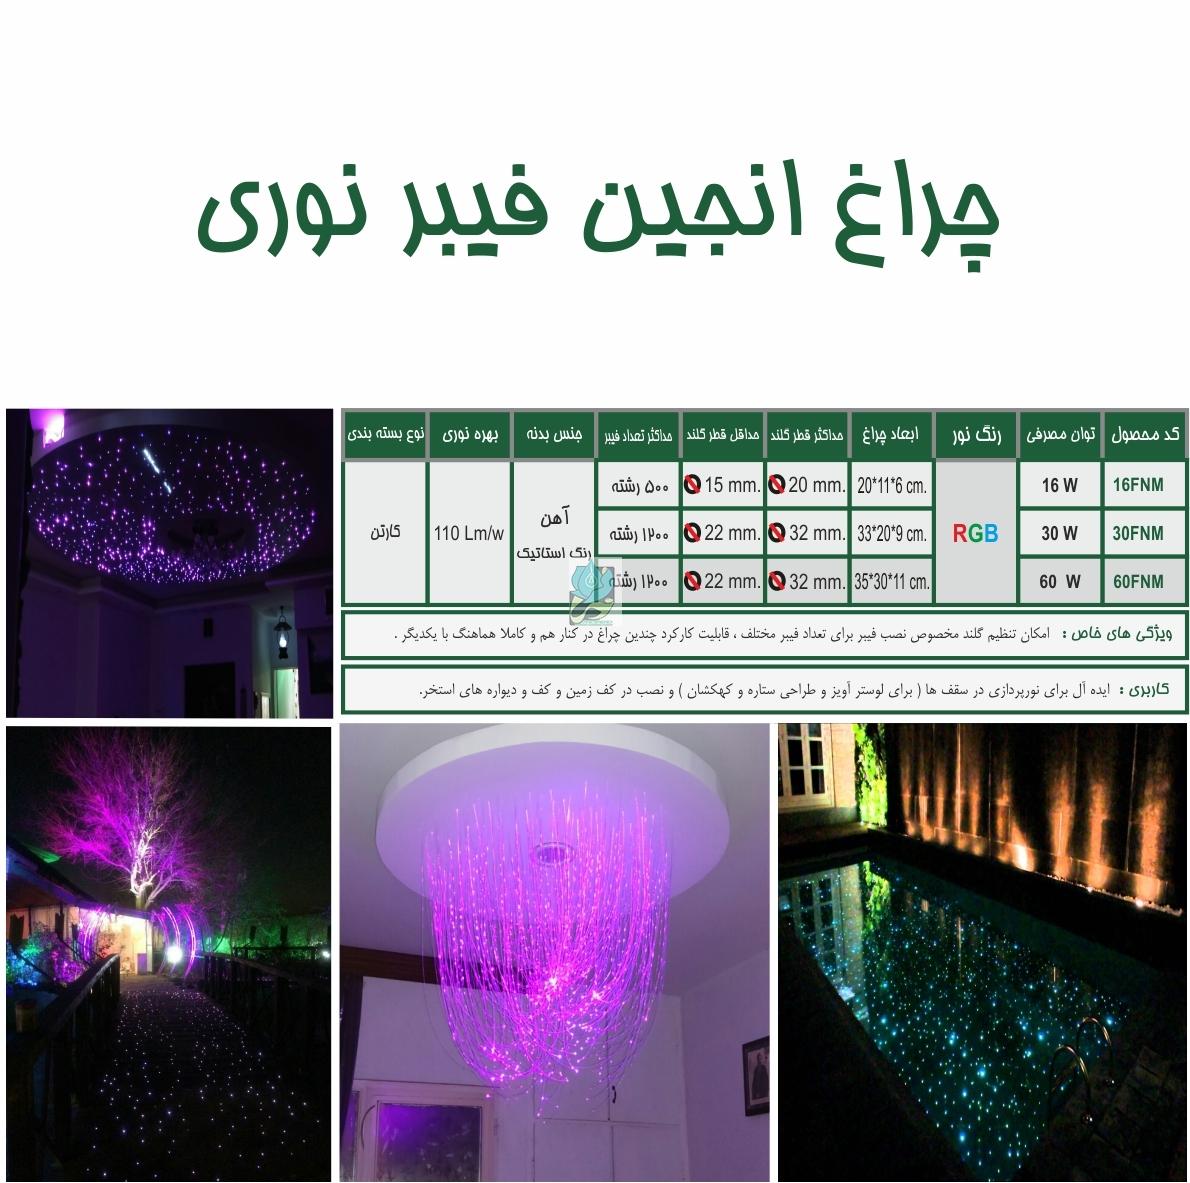 چراغ انجین فیبر نوری تک رنگ 3 گلند 180 وات 220 ولت